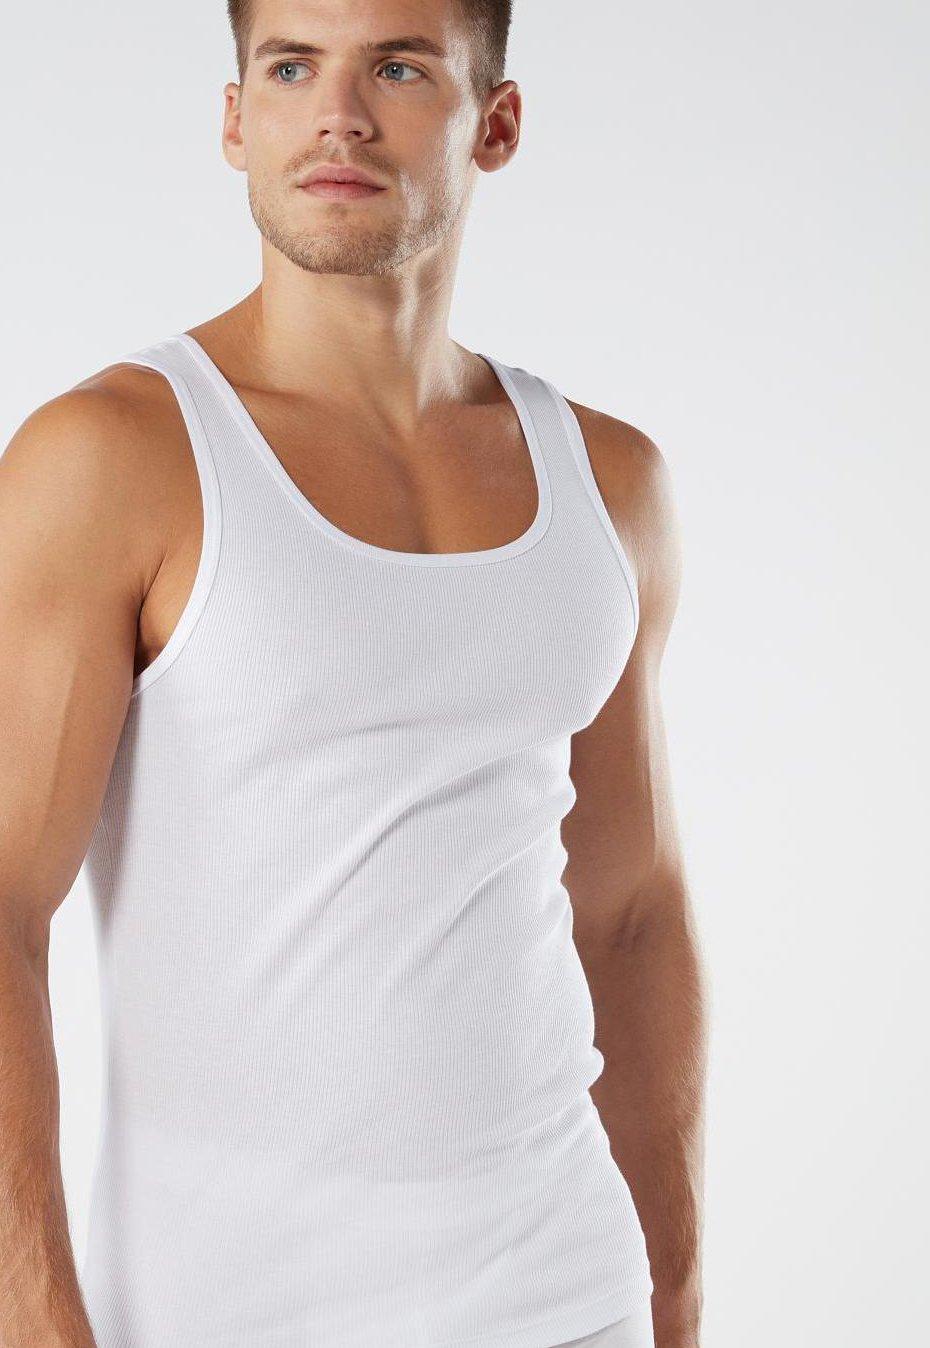 Herren TOP AUS GERIPPTER SUPIMA-BAUMWOLLE - Unterhemd/-shirt